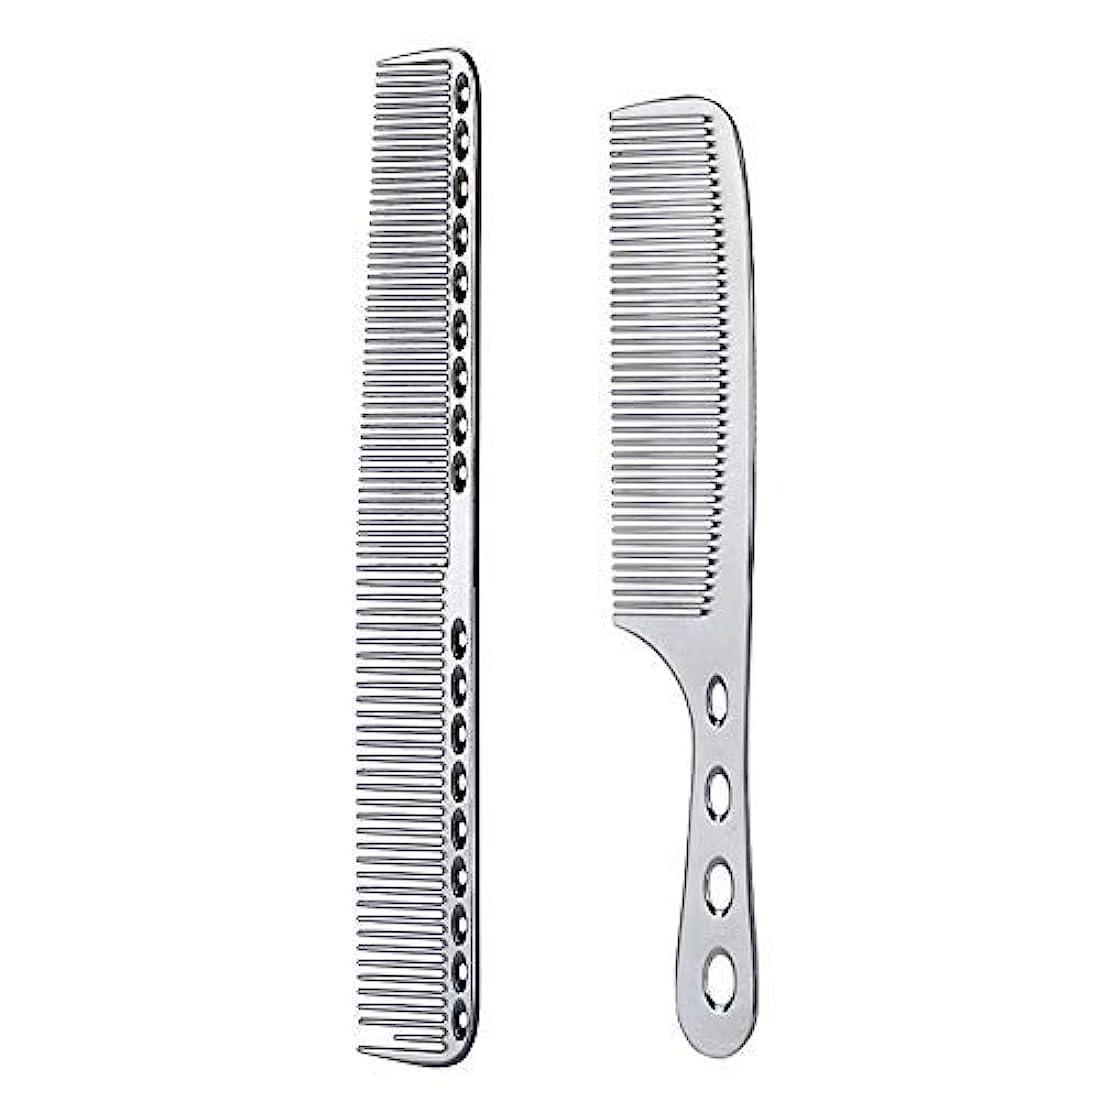 テレビゆるくプロトタイプ2 pcs Stainless Steel Hair Combs Anti Static Styling Comb Hairdressing Barbers Combs (Silver) [並行輸入品]